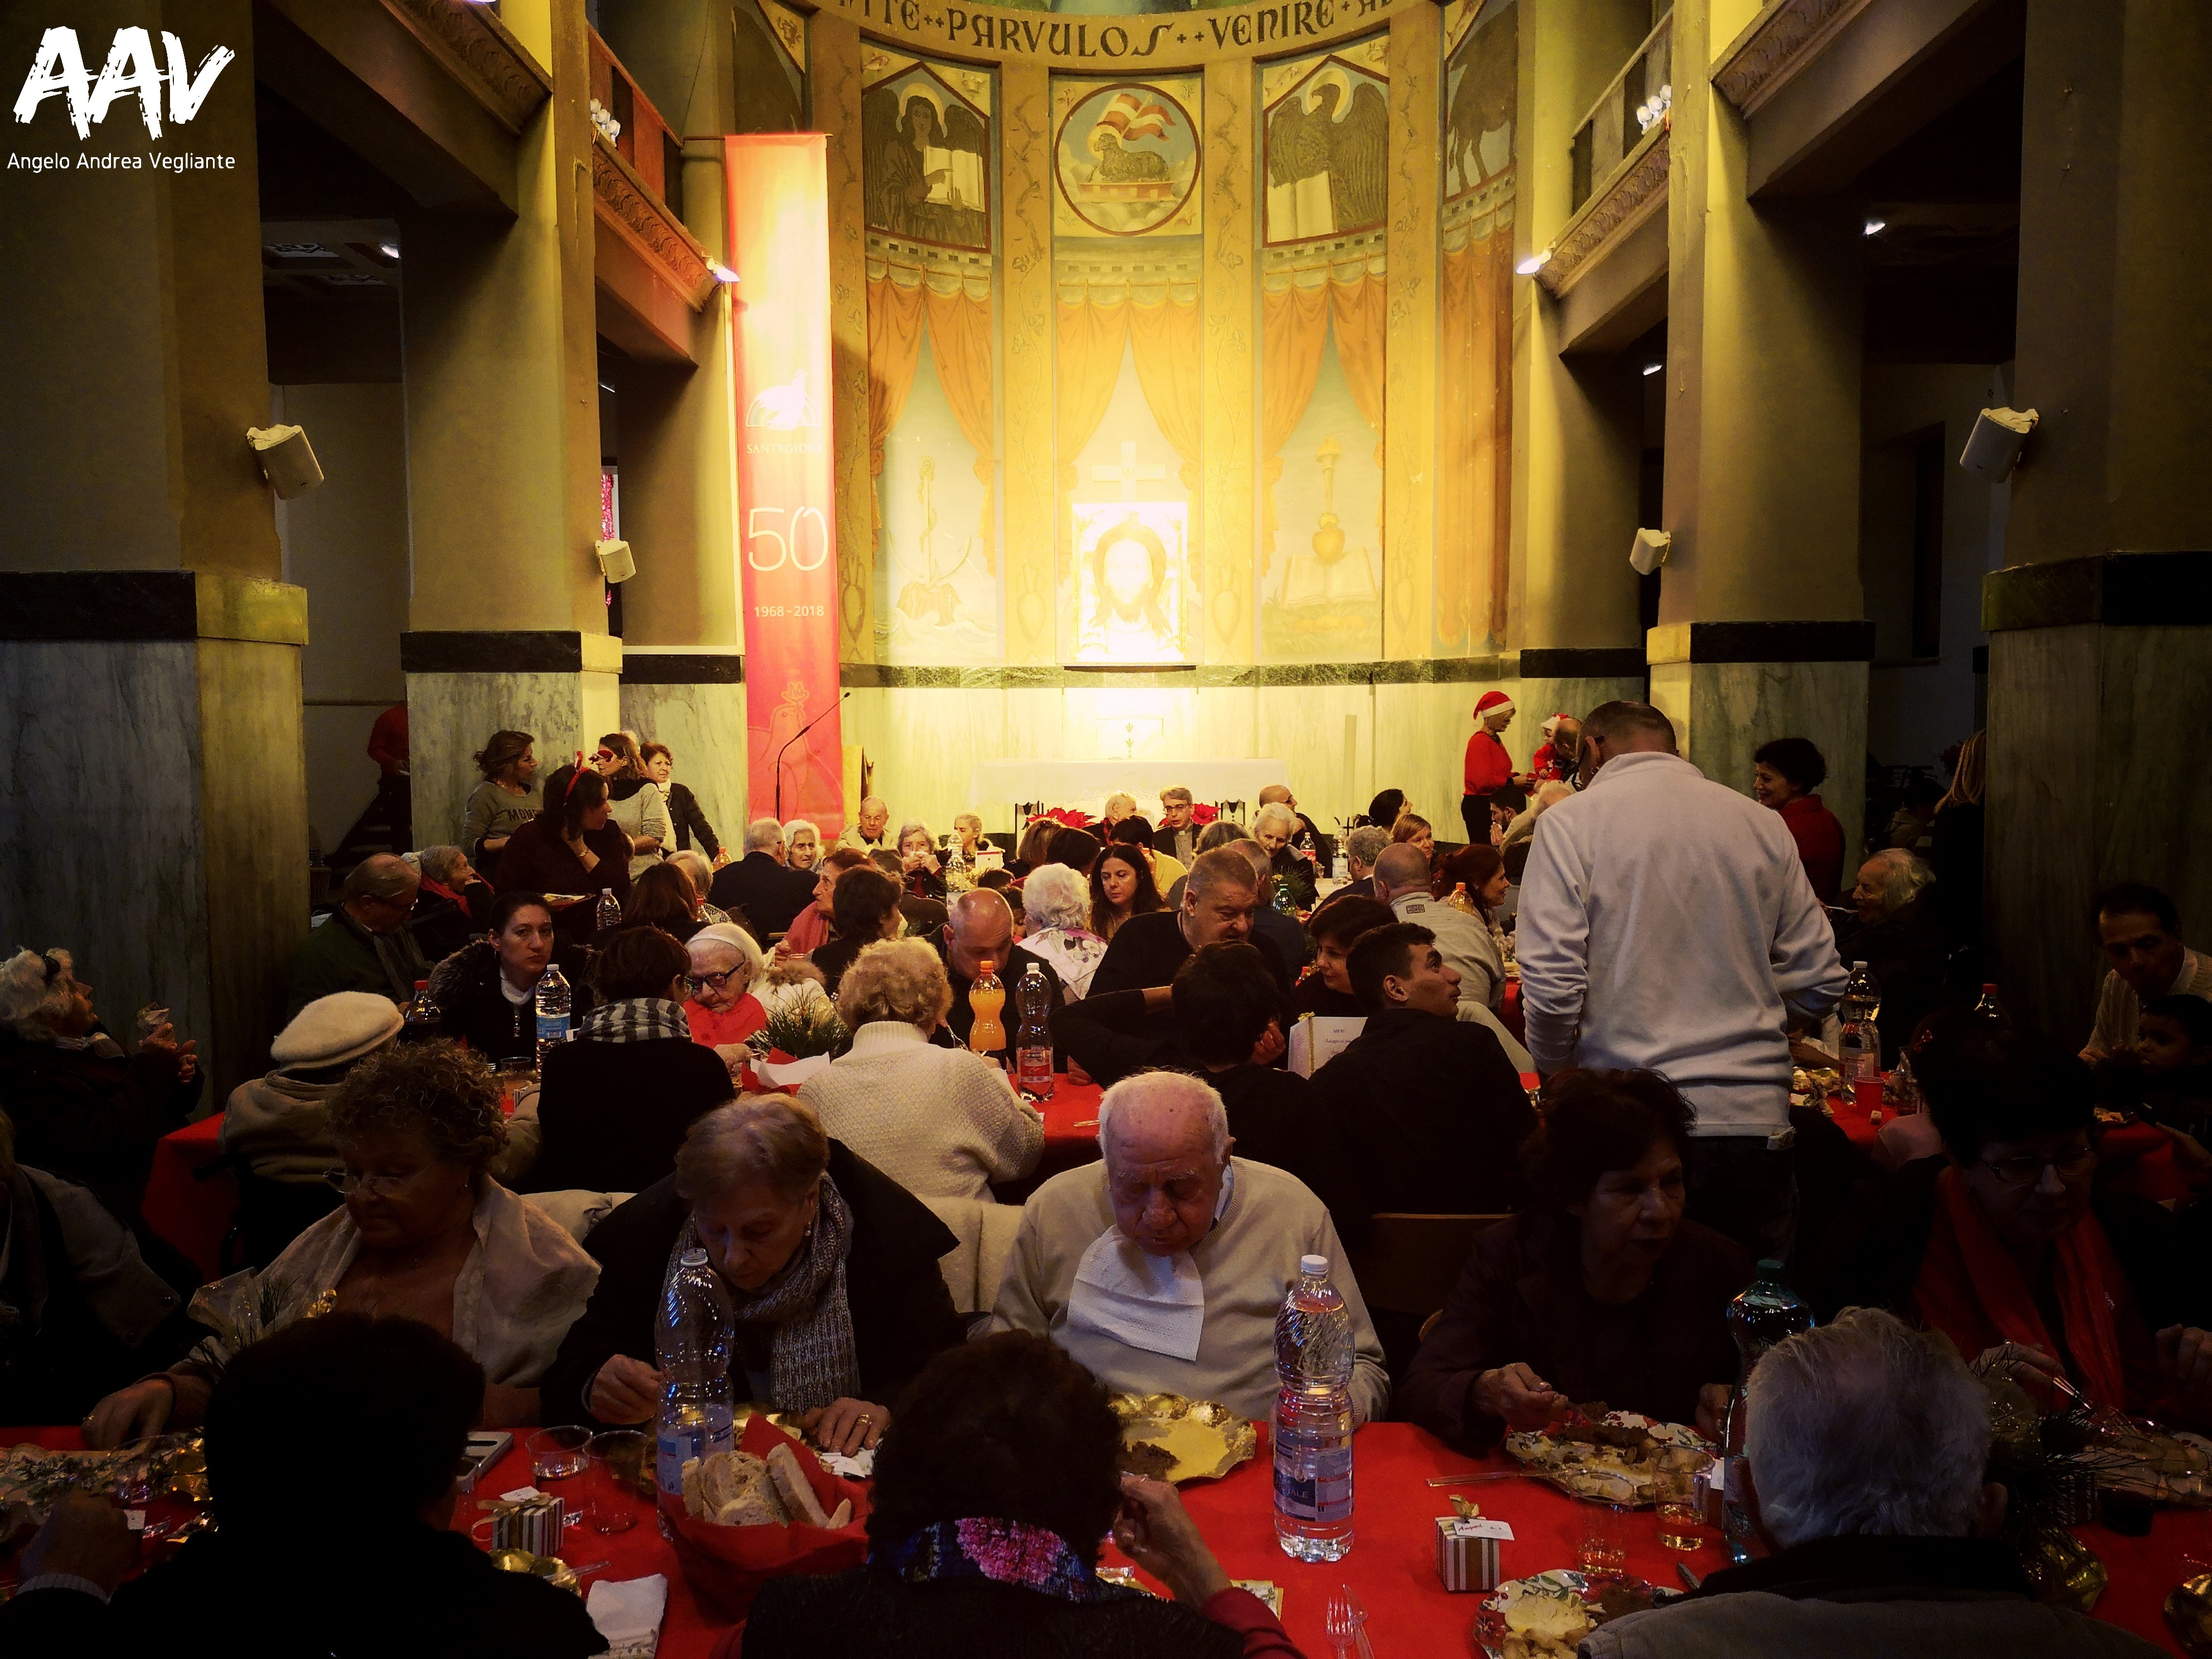 pranzo di natale-comunità di sant'egidio-ostia lido-angelo andrea vegliante-colui che veglia